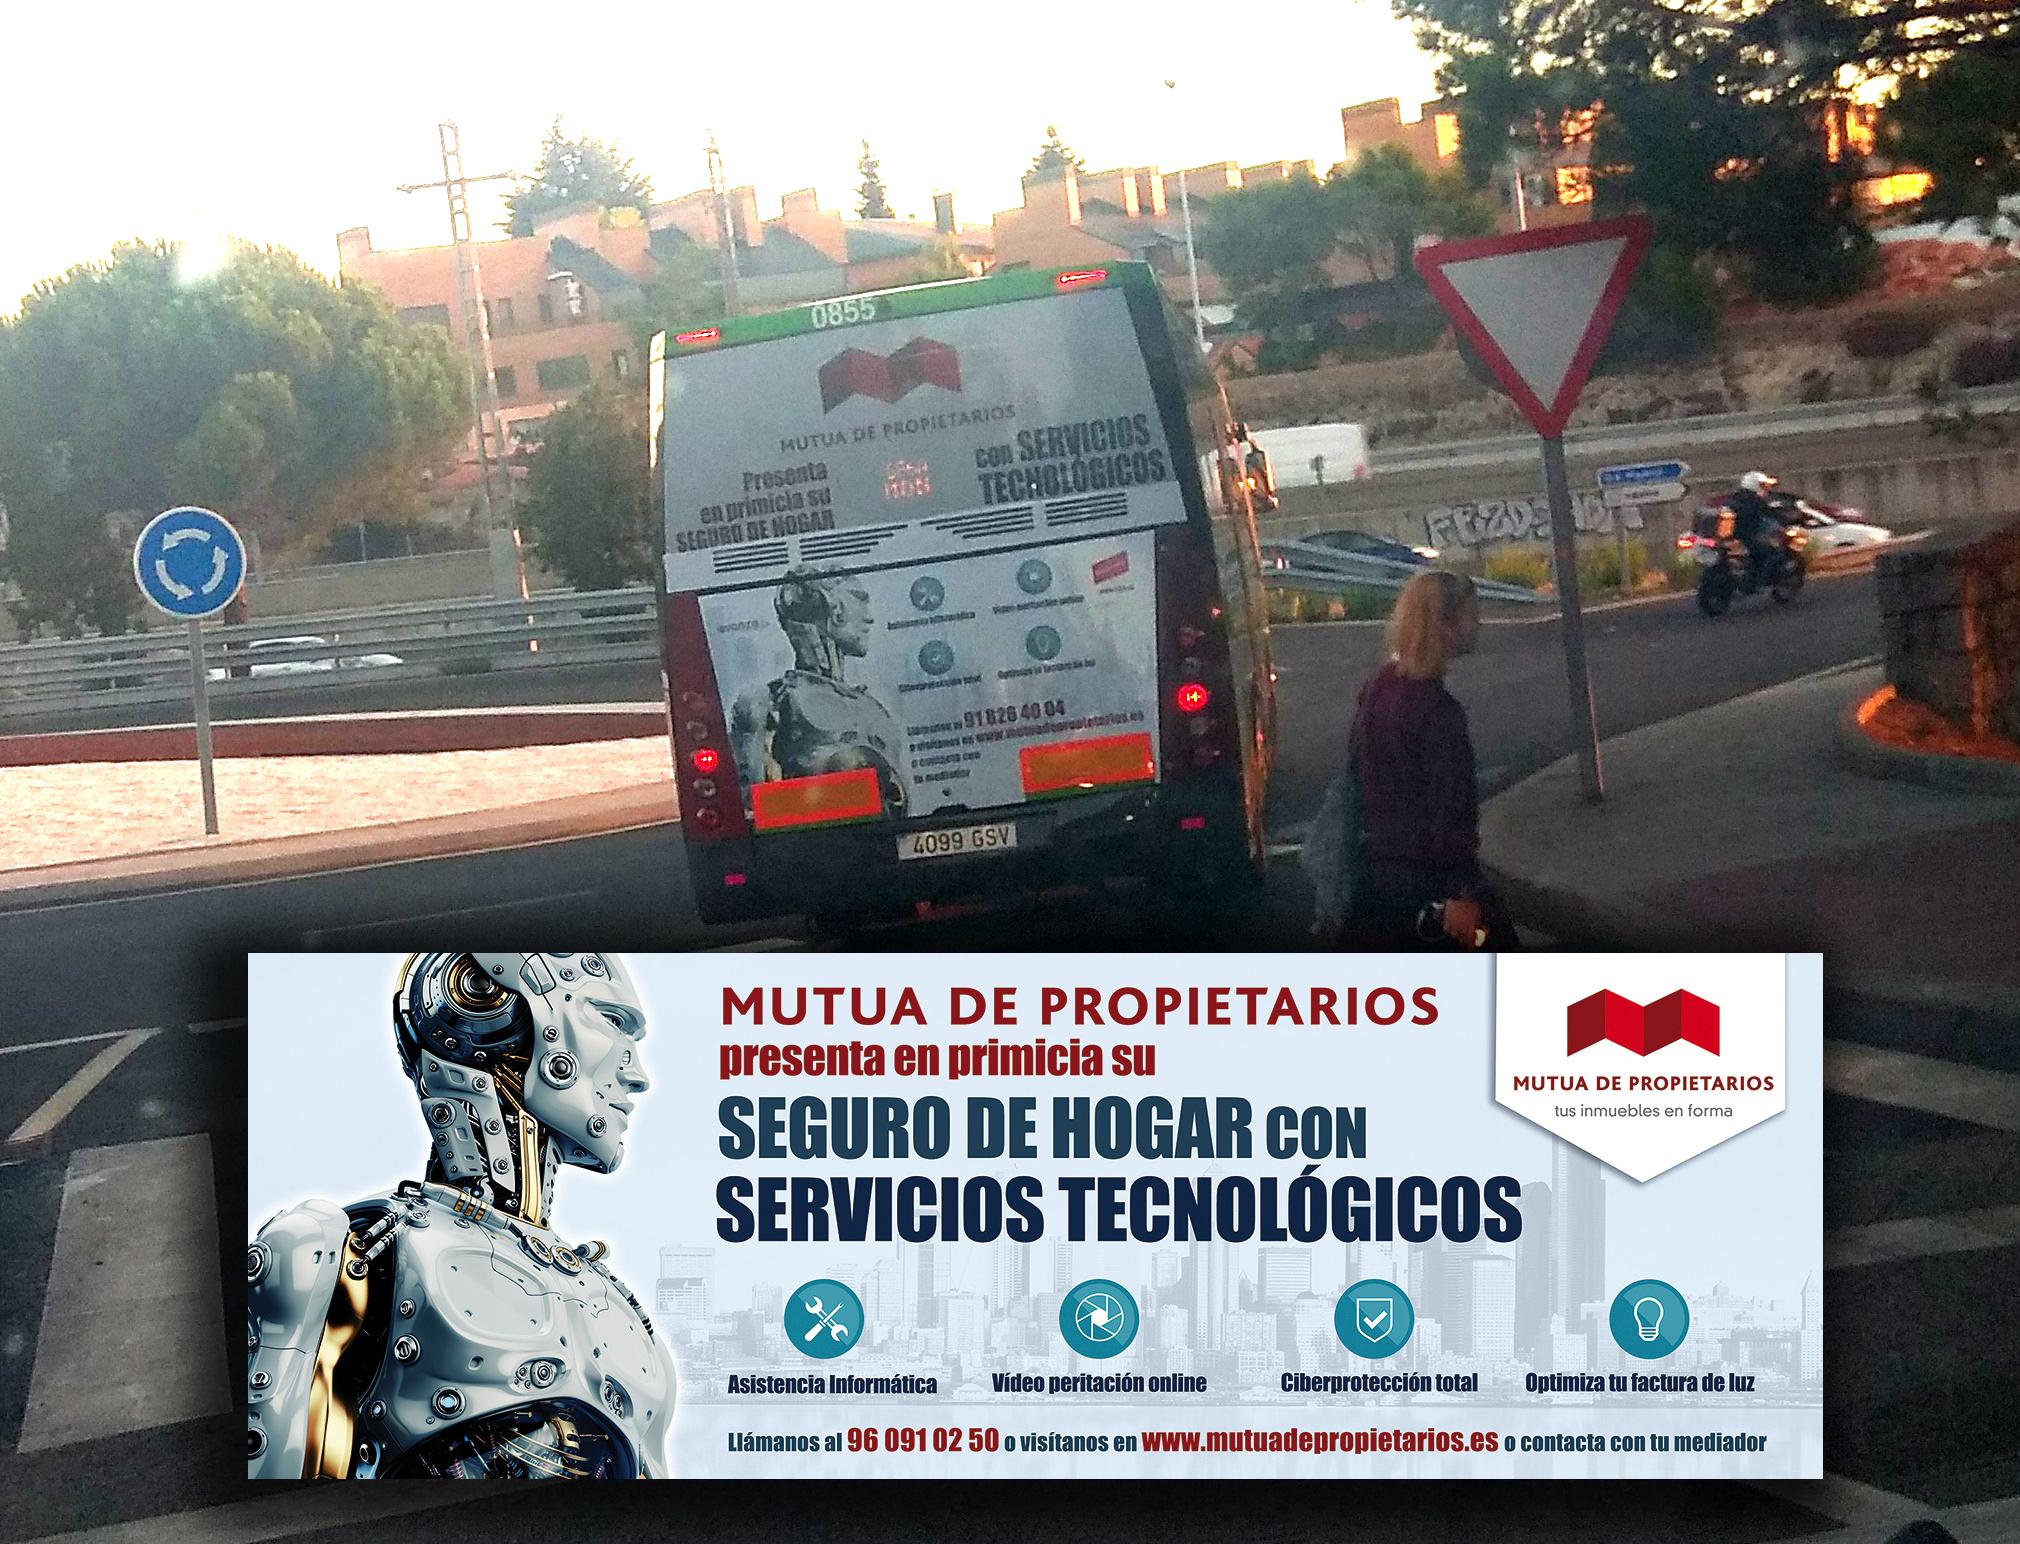 LOS AUTOBUSES DE MUTUA DE PROPIETARIOS RECORREN LAS CALLES DE MADRID